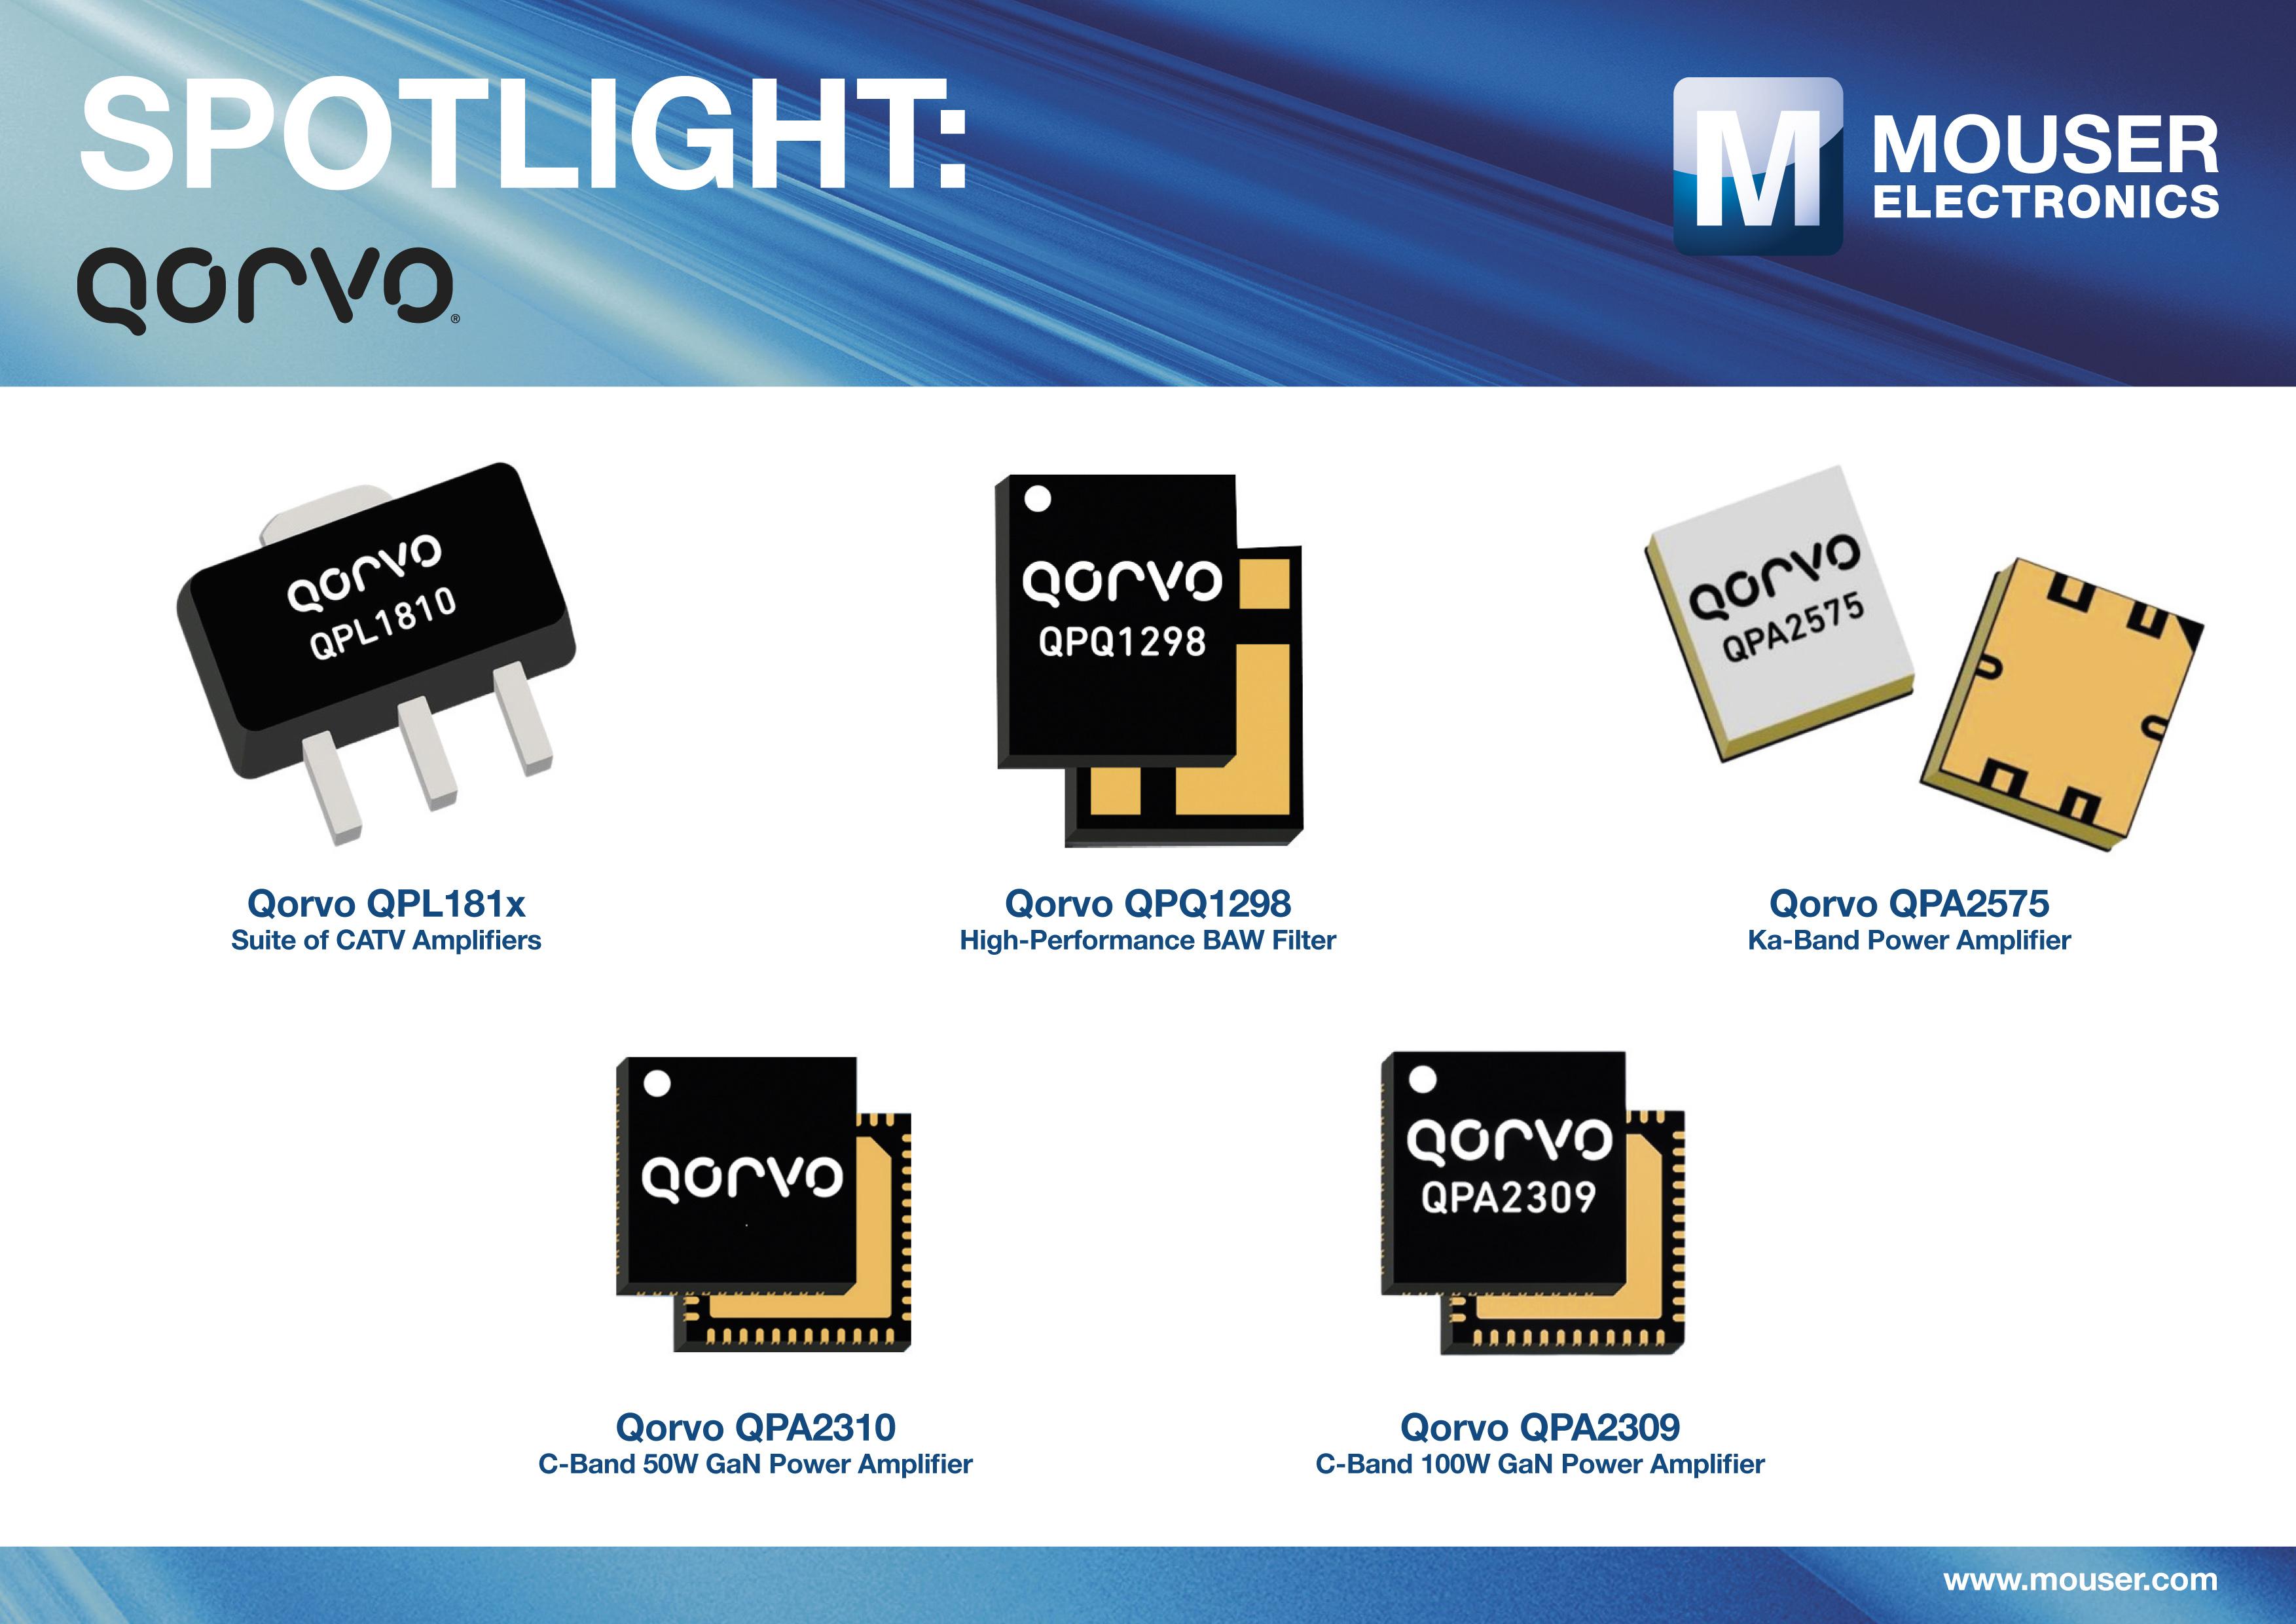 貿澤備貨Qorvo 豐富多樣的射頻、雷達和有線電視產品系列